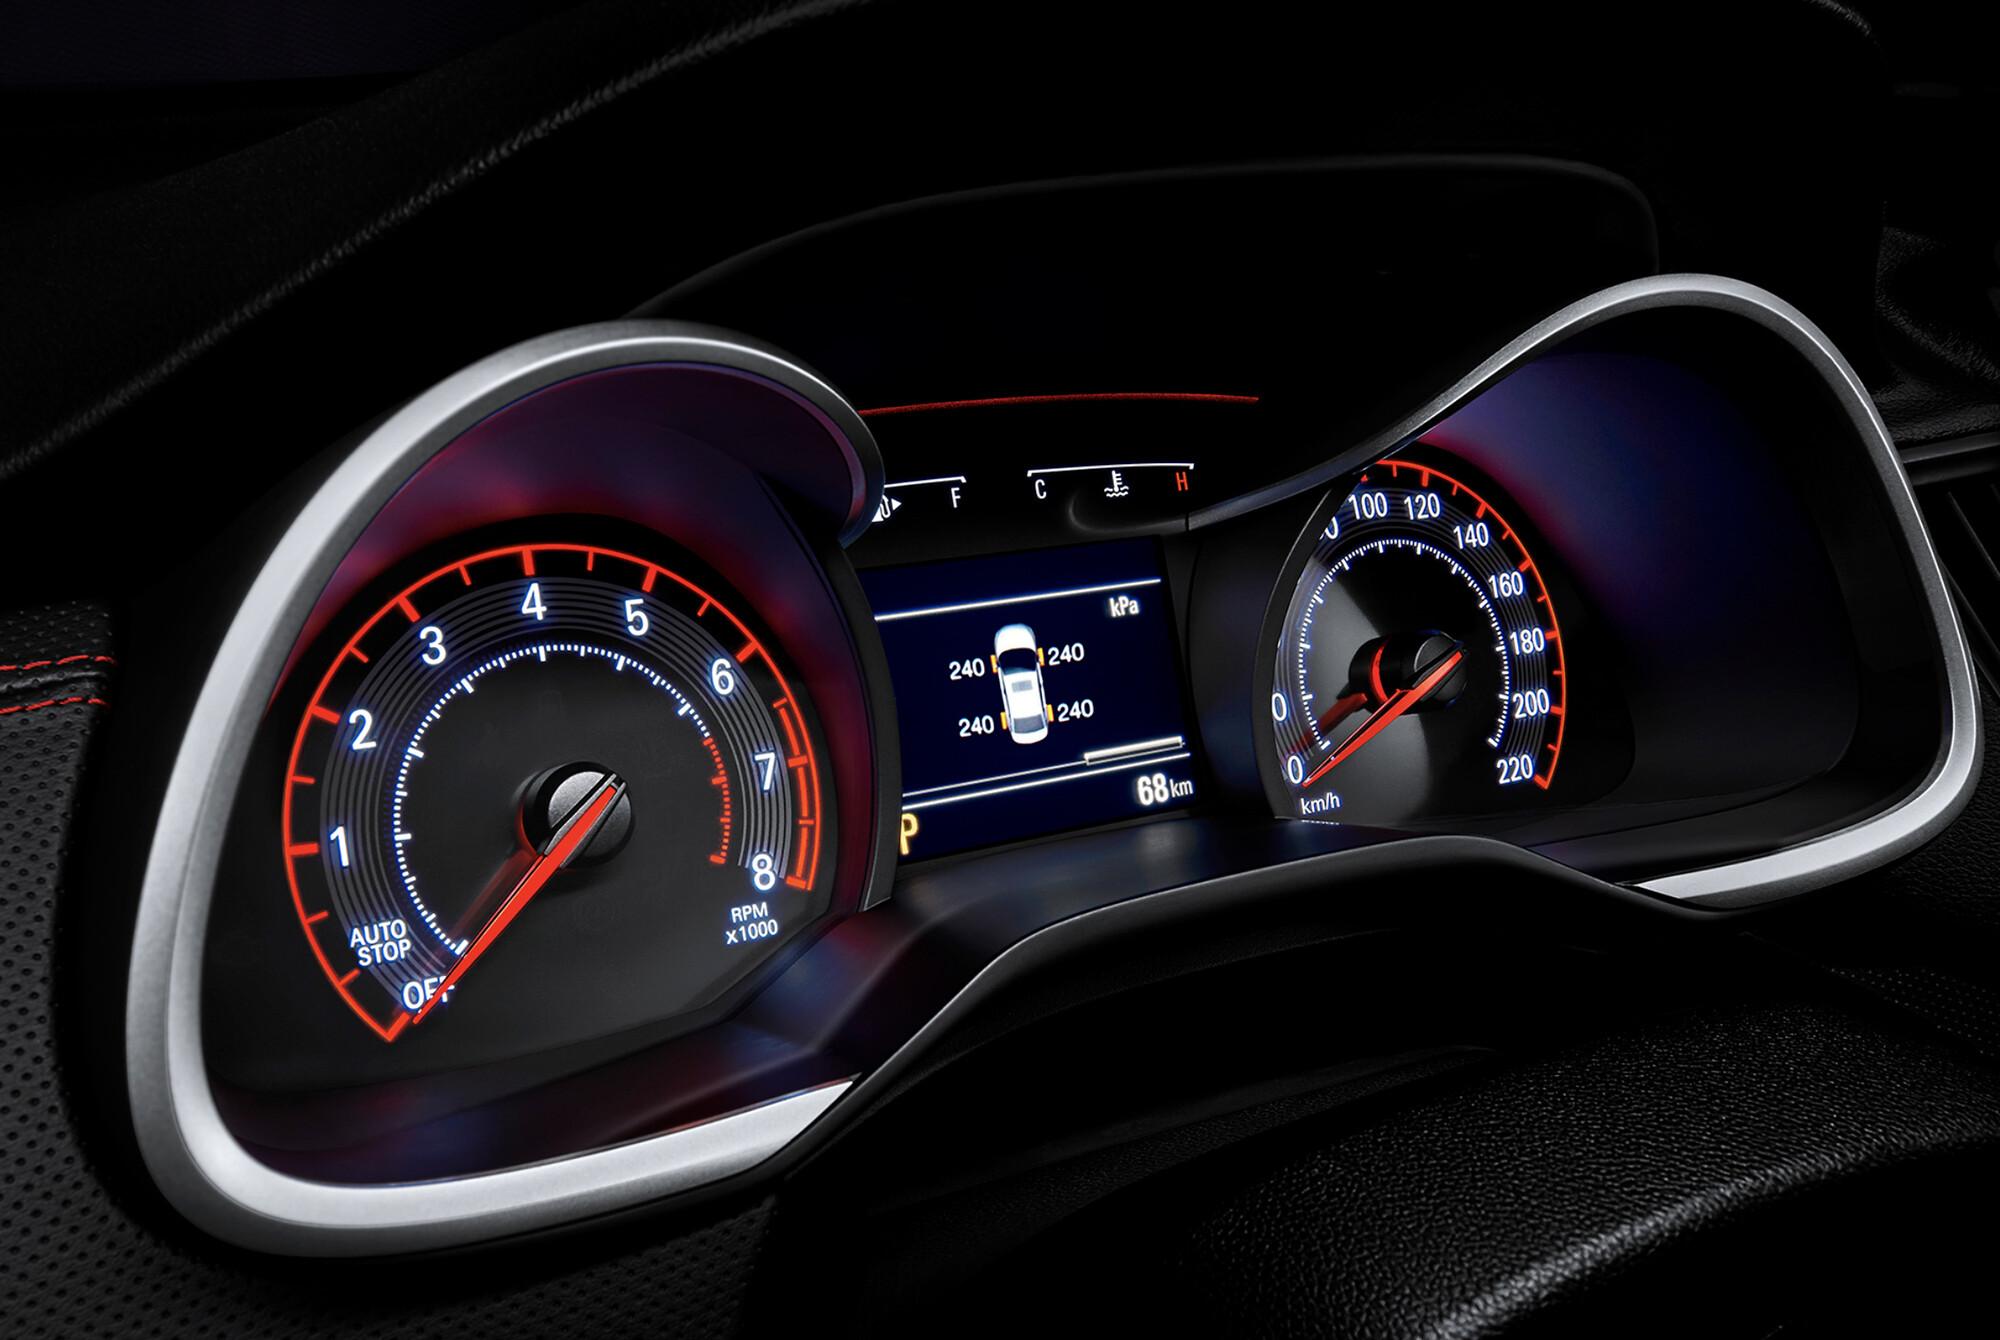 Foto de Chevrolet Cavalier 2022 (21/24)